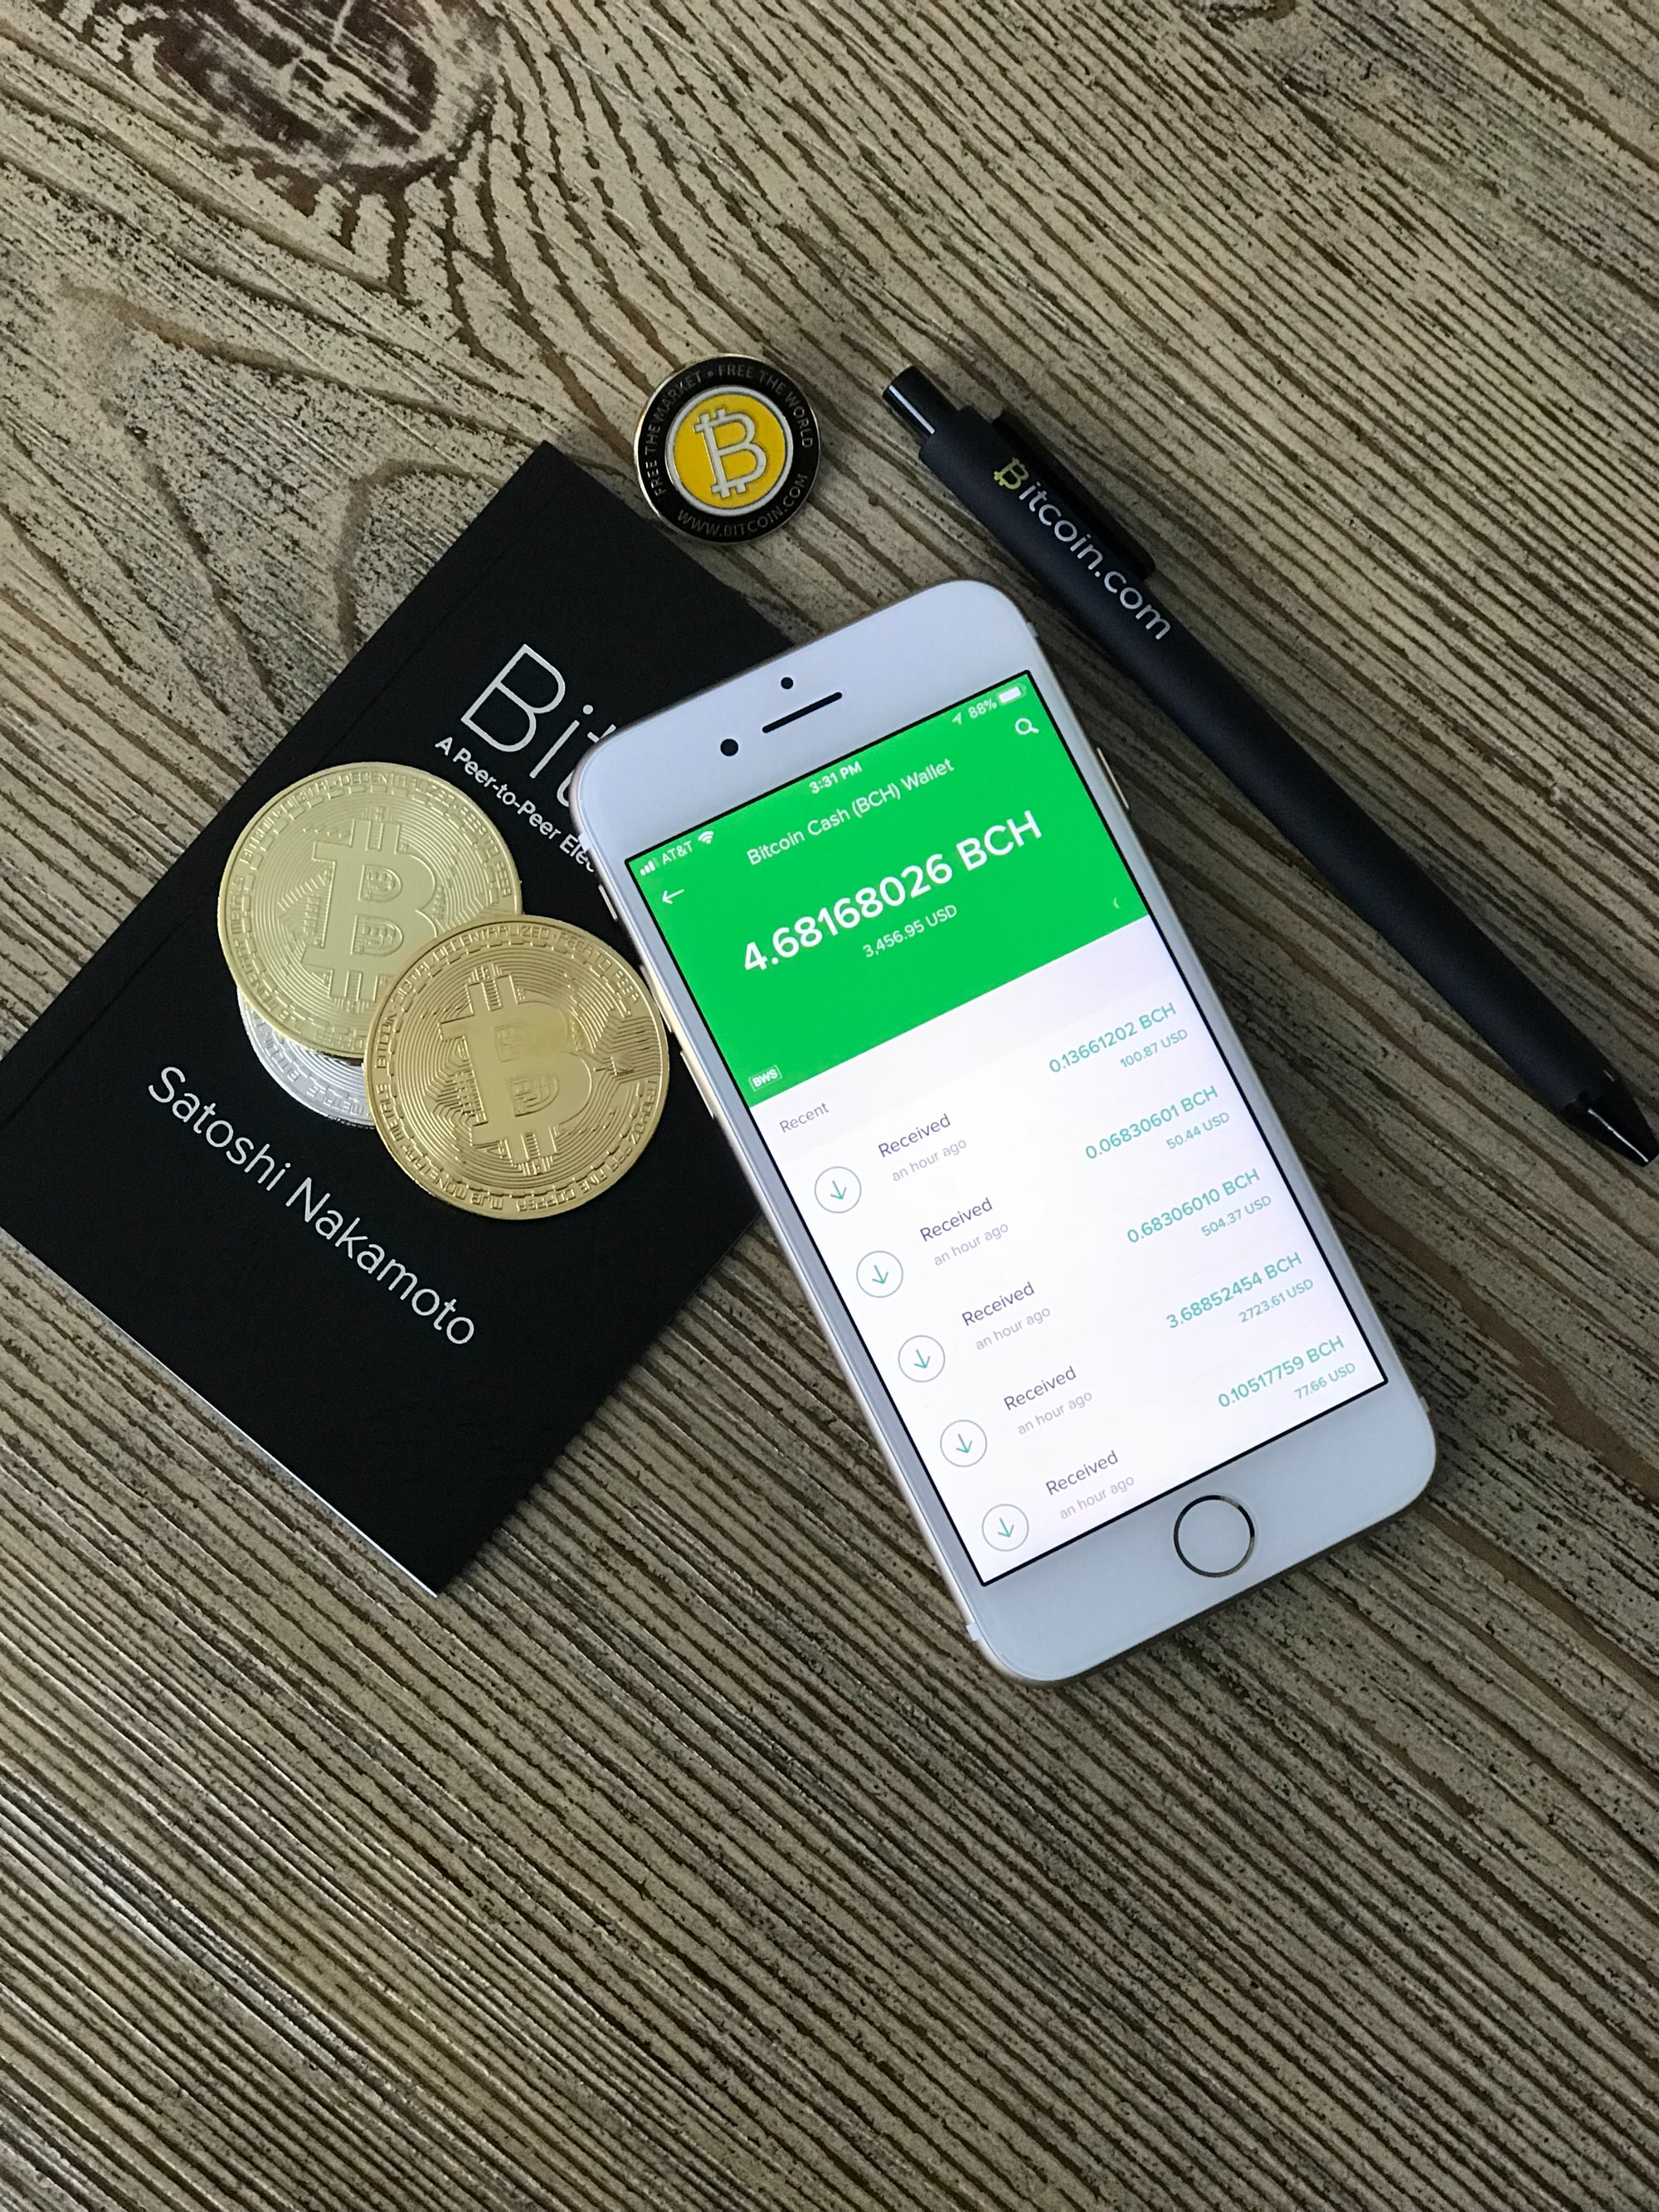 Kjøpe Bitcoin? 16 grunner som får meg til å velge annen kryptovaluta